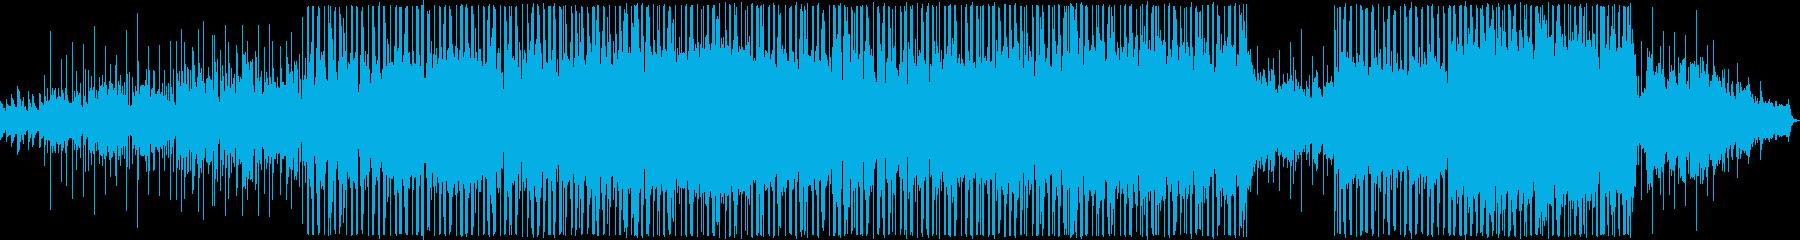 明るい雰囲気のバラードの再生済みの波形